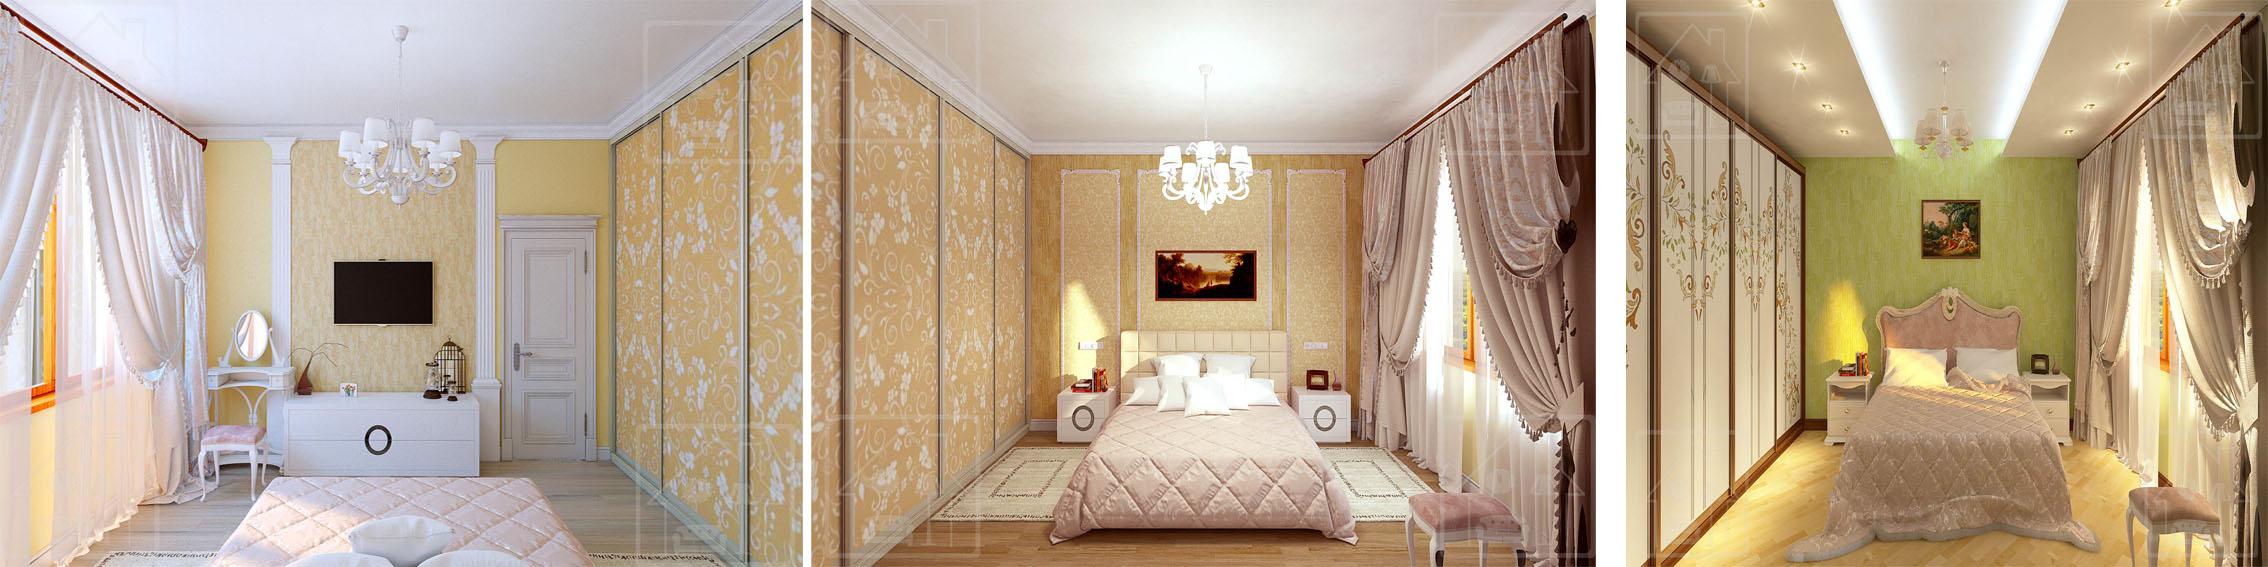 Спальня ЖК _Виноградный- 4